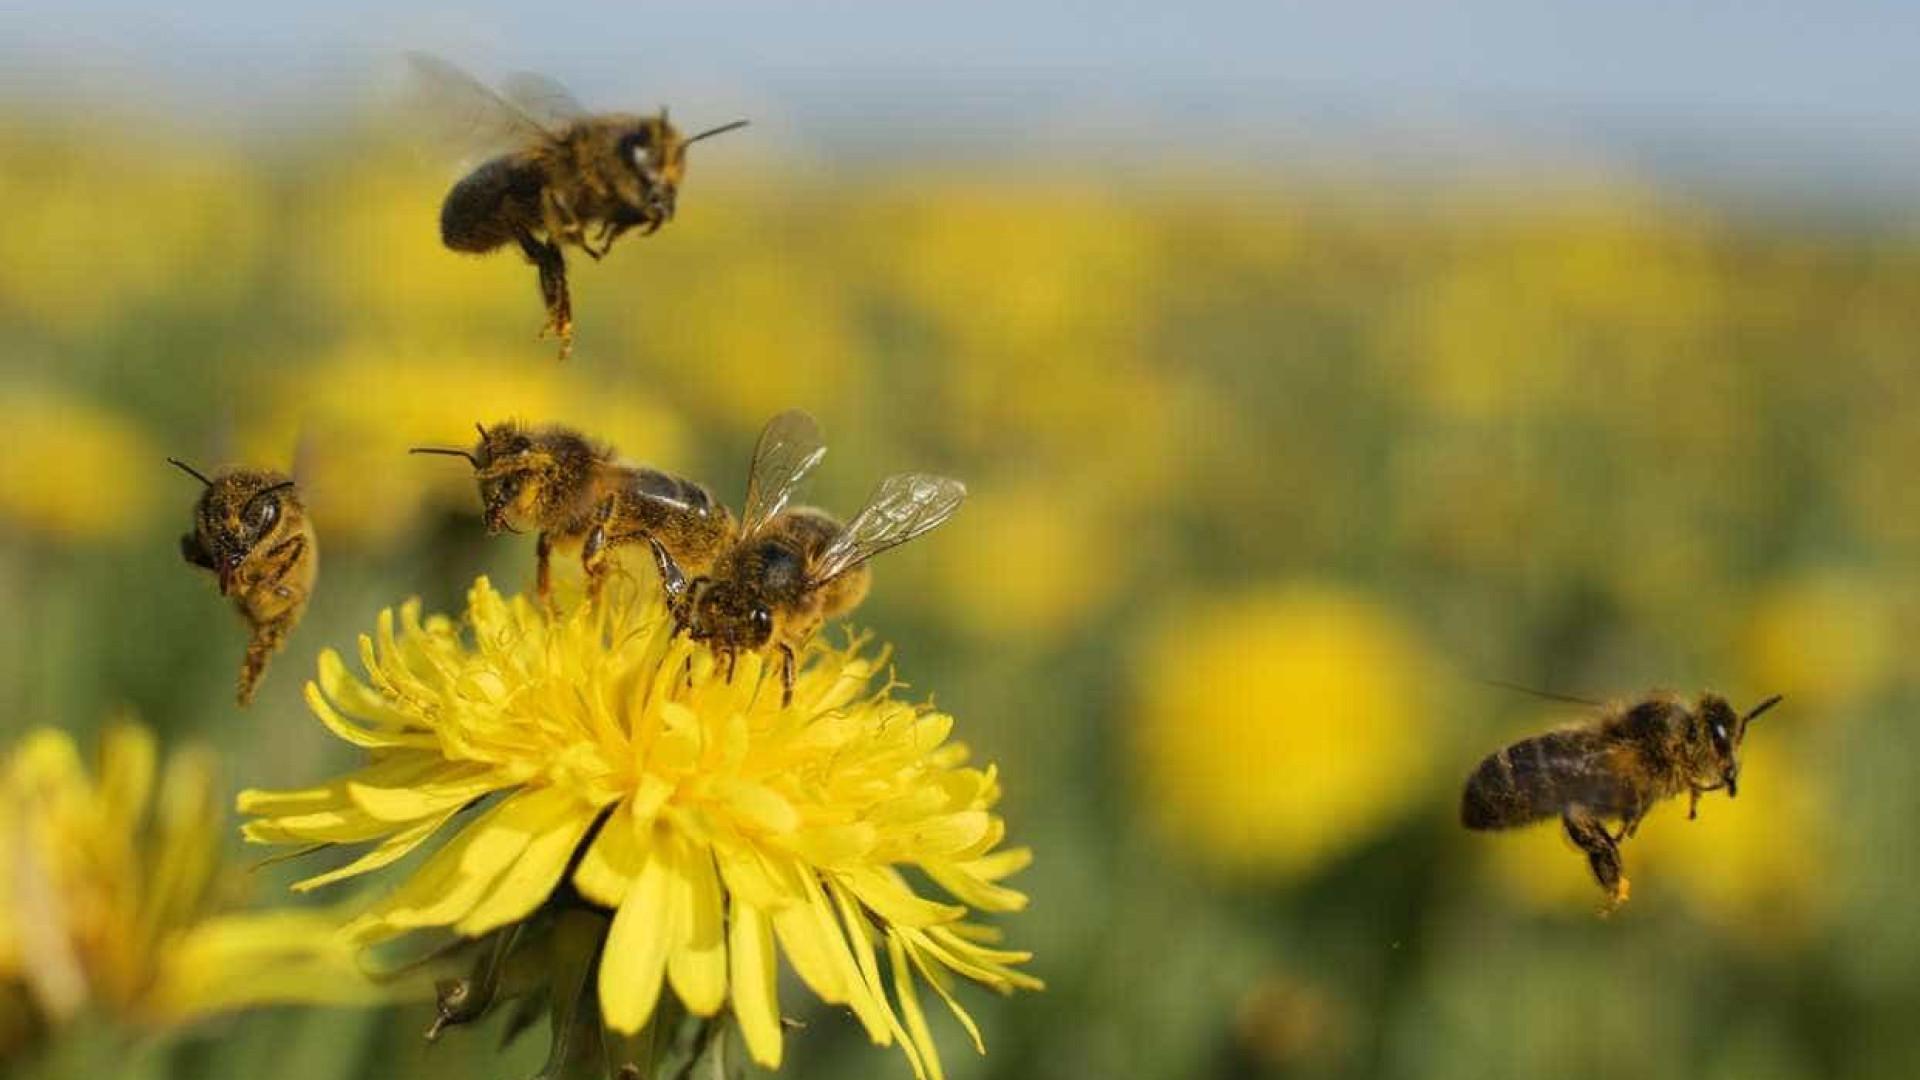 """Diminuição do número de insetos pode fazer """"colapsar"""" a natureza"""